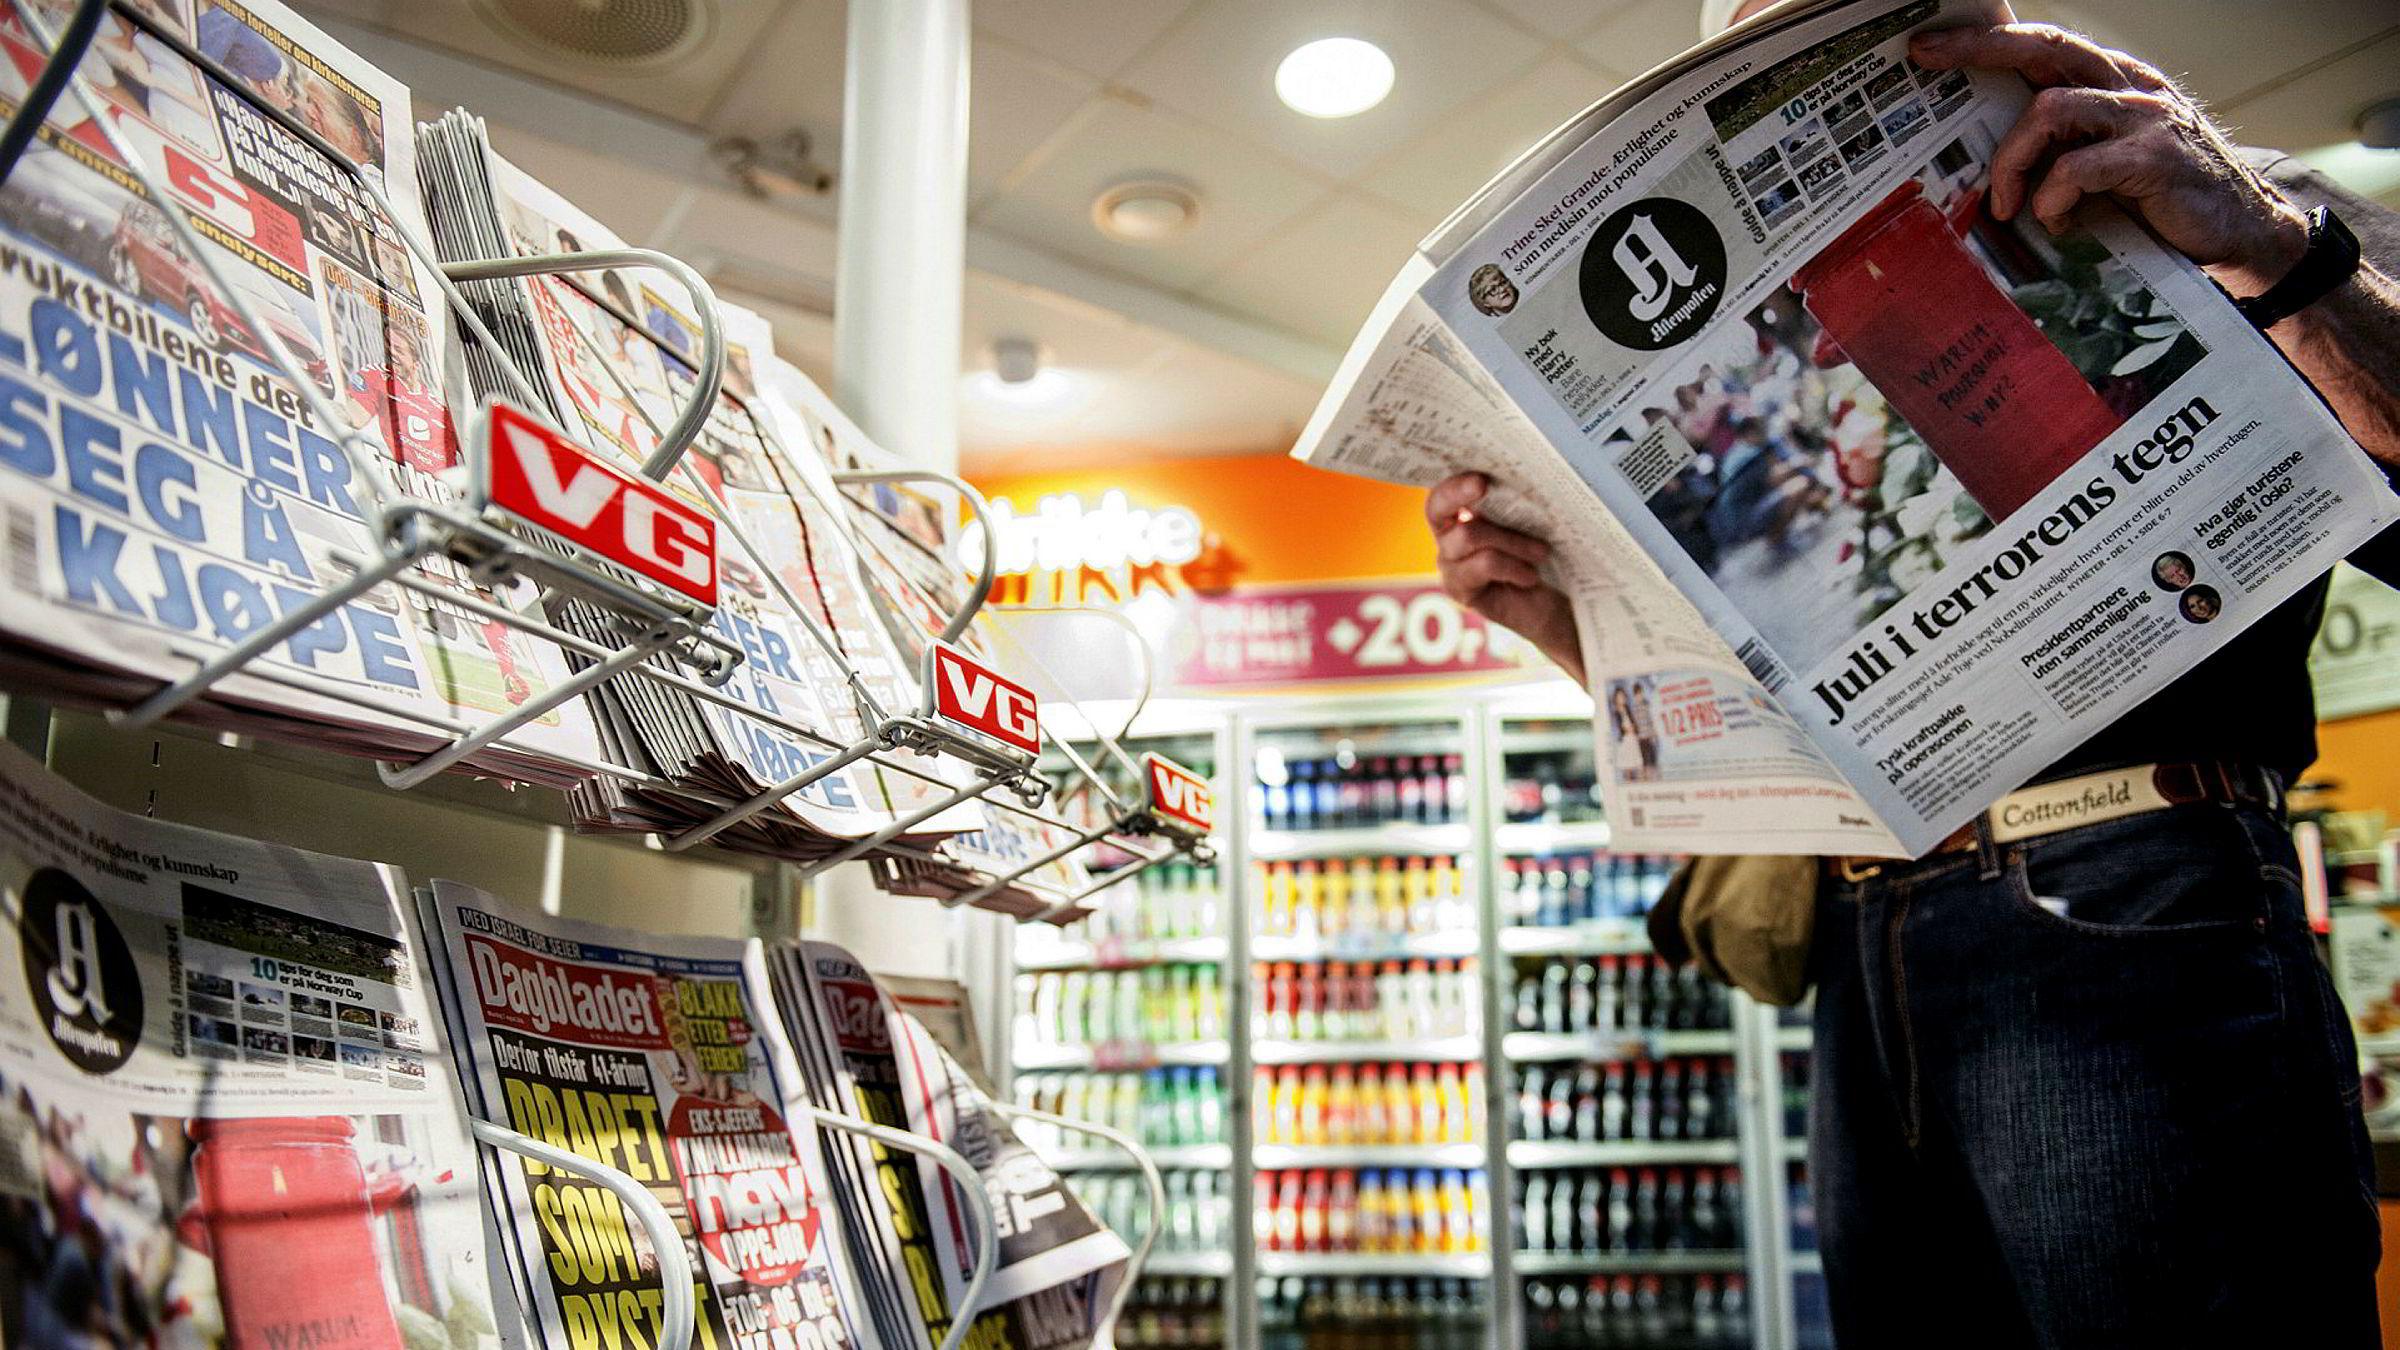 Aktivitetsindikatoren for norsk økonomi, som har fått navnet Financial News Index, er bygget på automatiserte tekstanalyser av nyhetsartikler fra norske aviser.